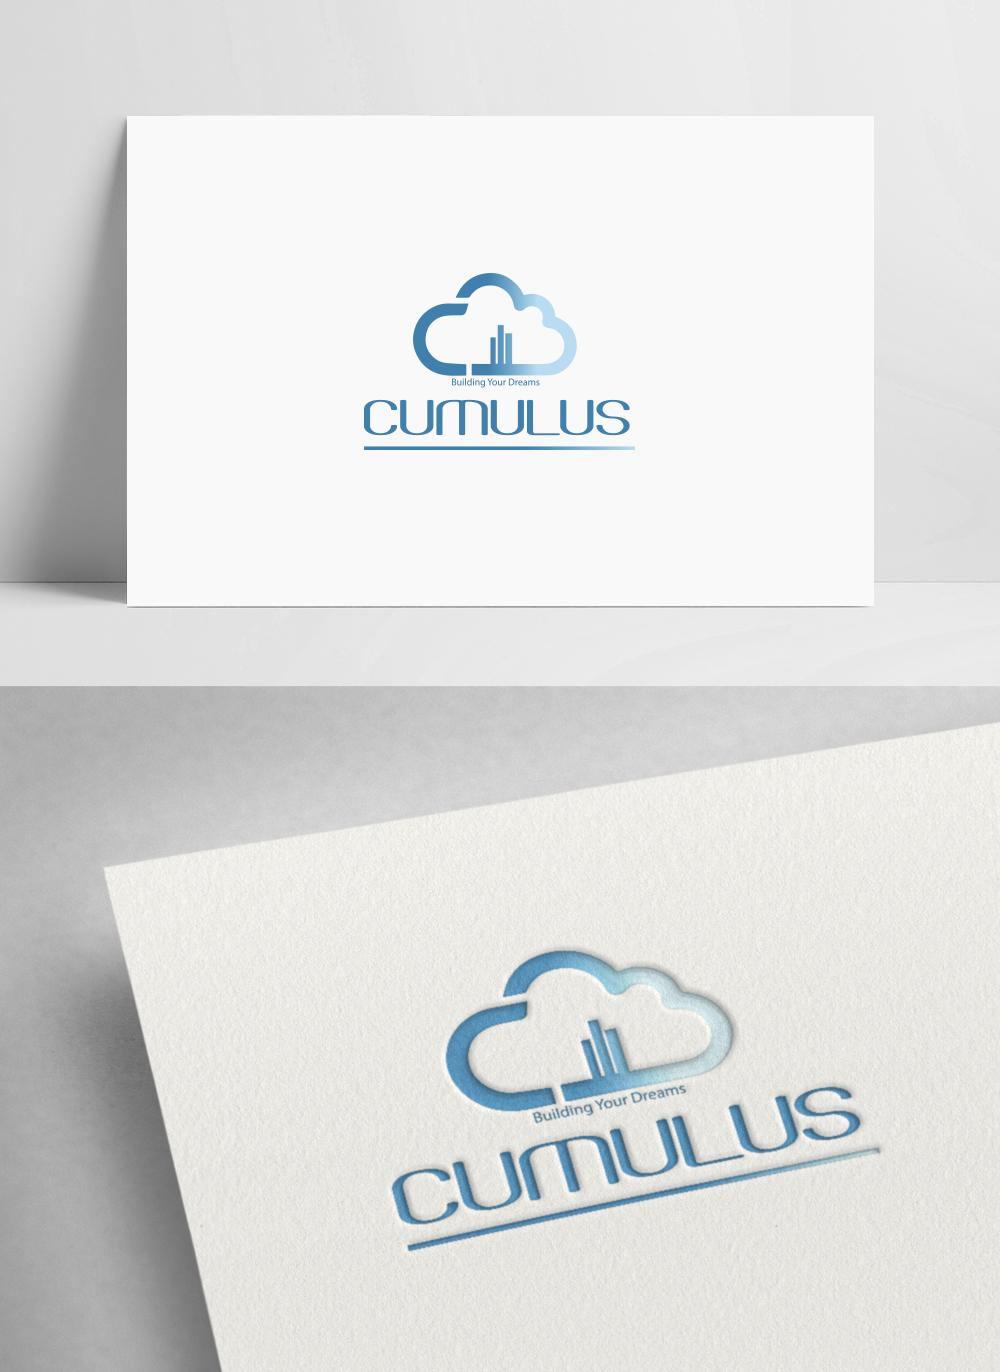 Формат изображения для логотипа